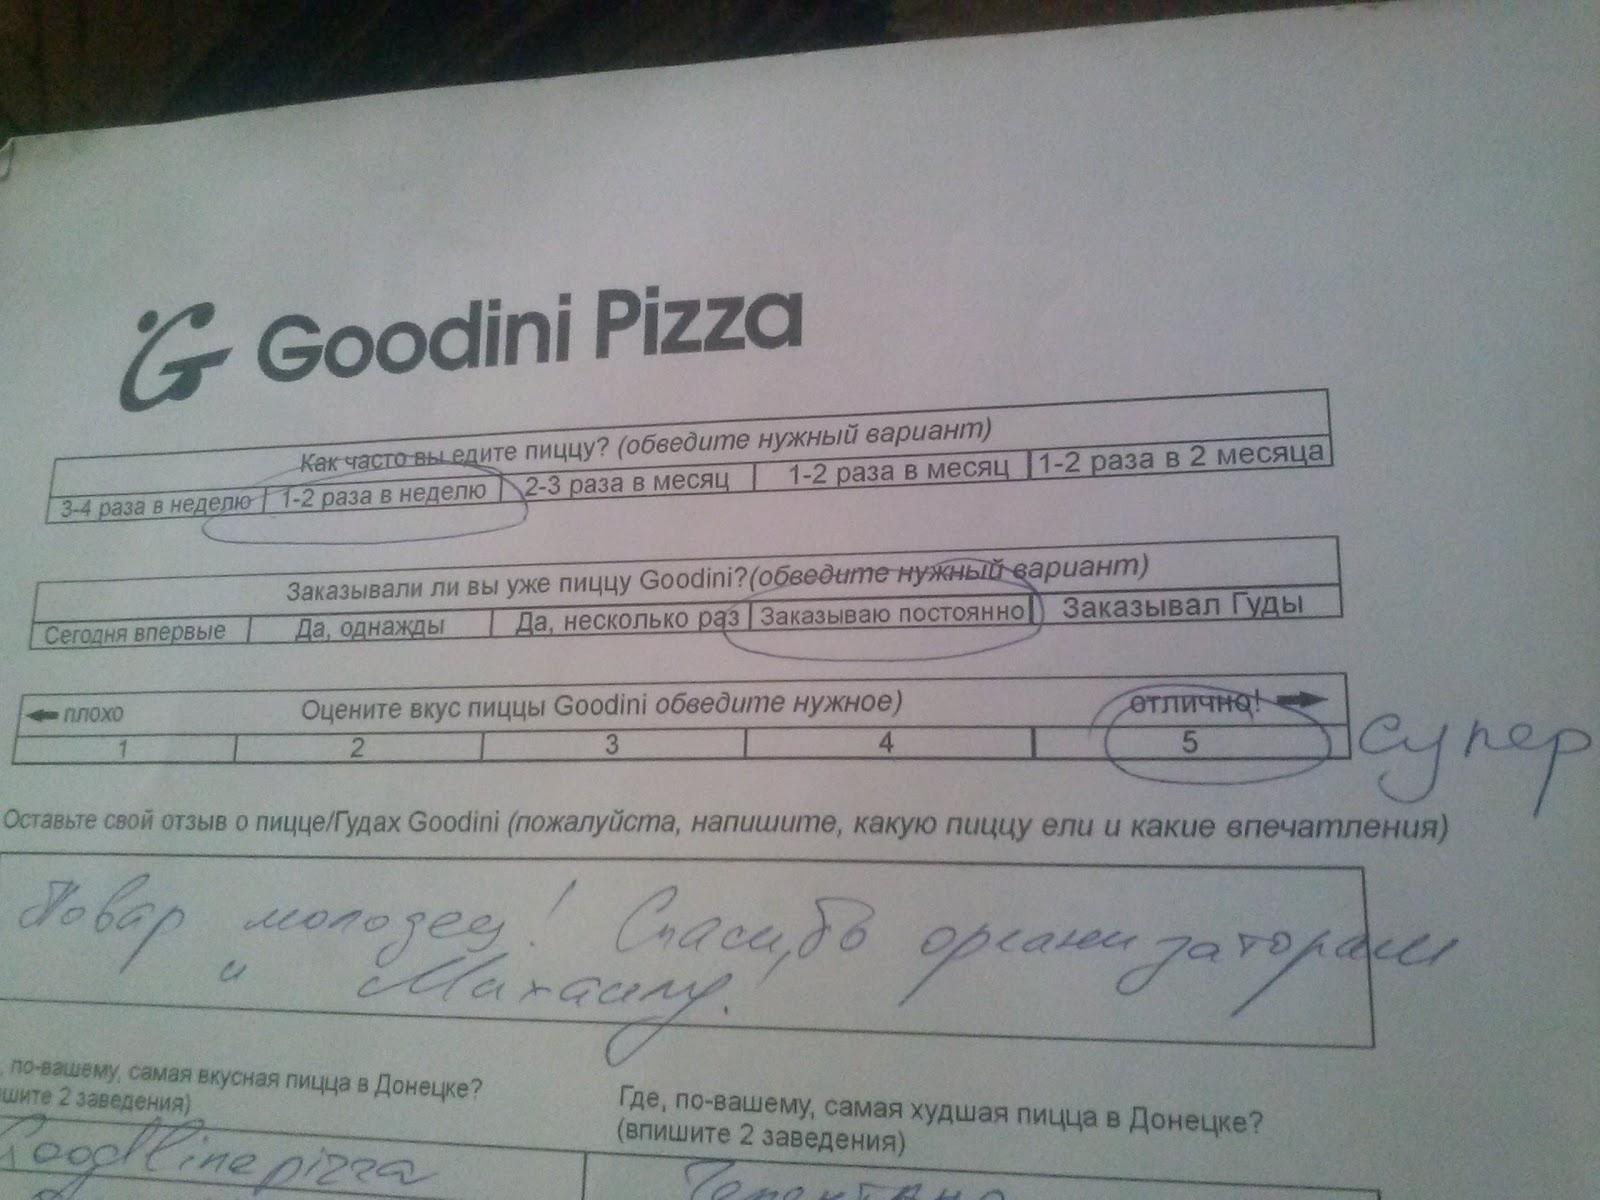 goodini_pizza_dostavka_donetsk_gud1